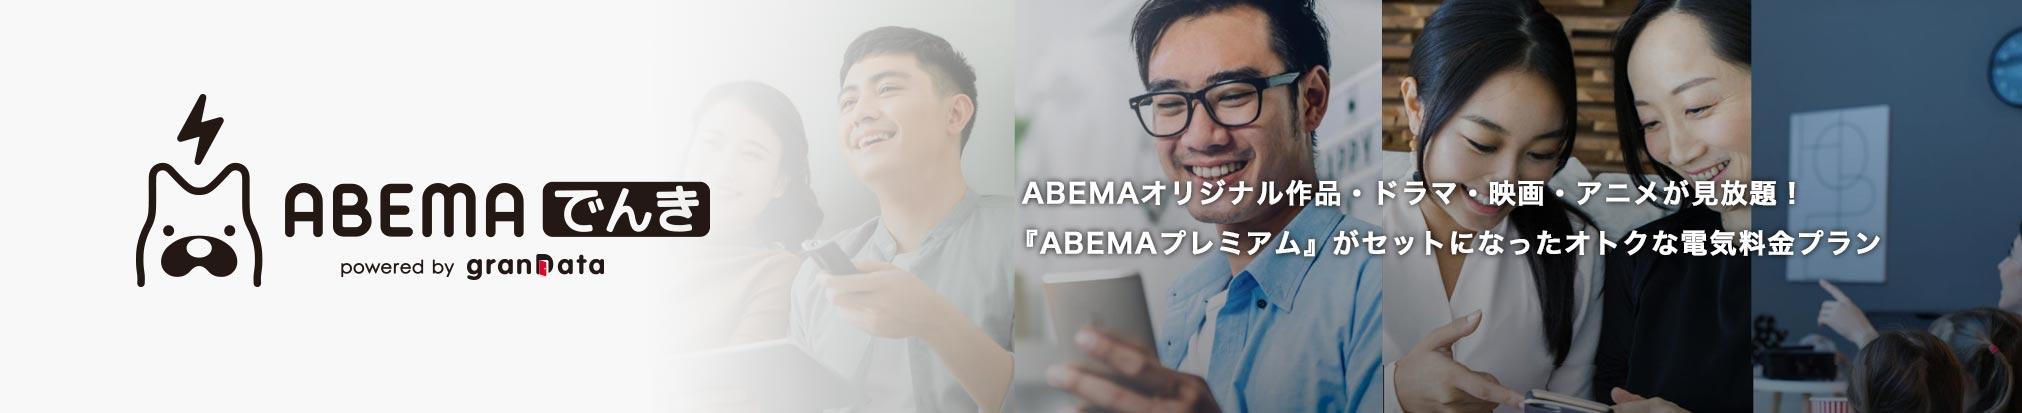 ABEMAでんき / ABEMAオリジナル作品・ドラマ・映画・アニメが見放題!『ABEMAプレミアム』がセットになったオトクな電気料金プラン